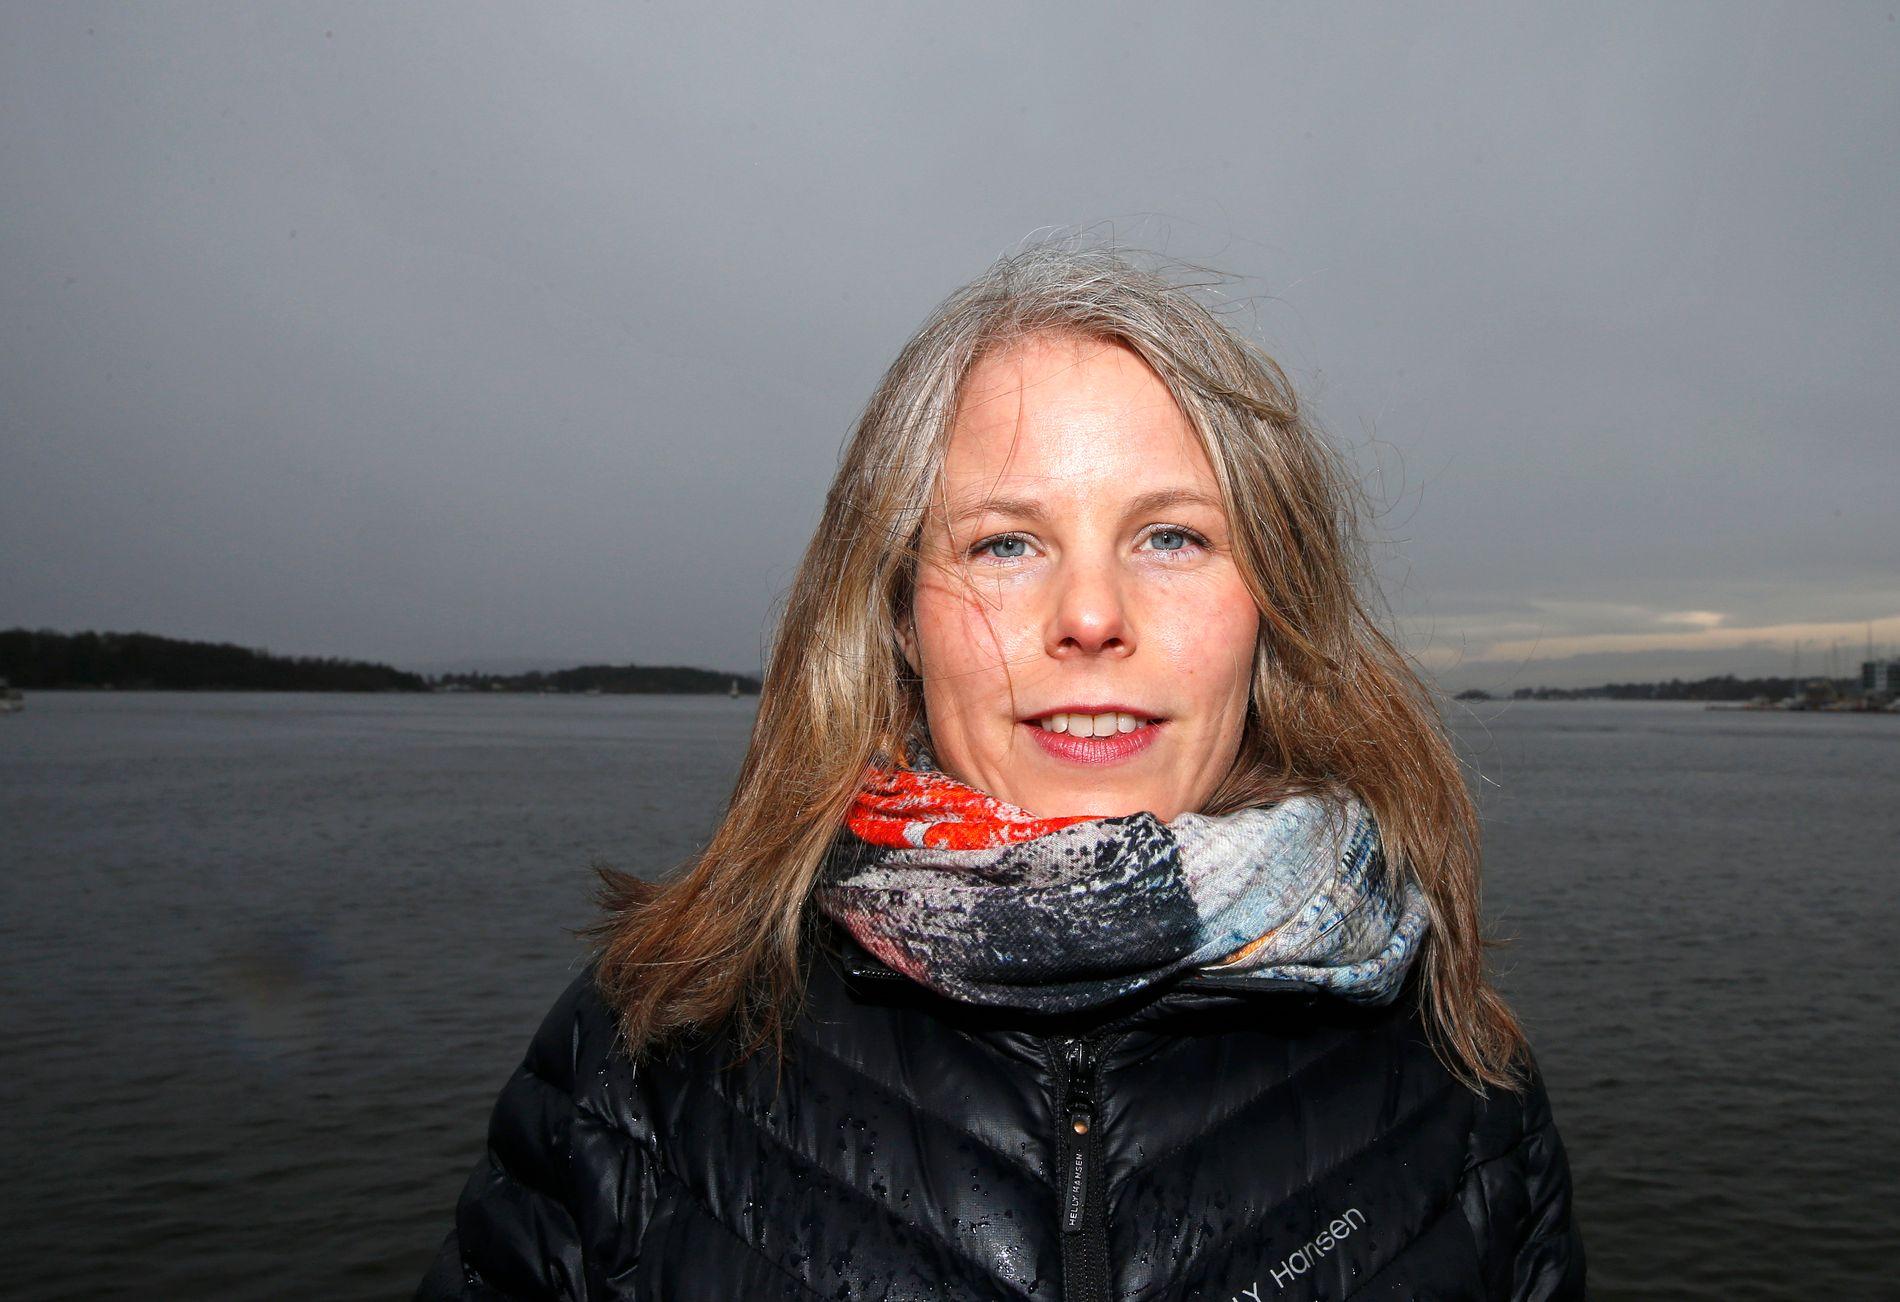 SOSIALIST: SV-nestleder Kirsti Bergstø reagerer i likhet med Ap-ordføreren på Lillehammer på justisministerens tale på frigjøringsdagen 8. mai.